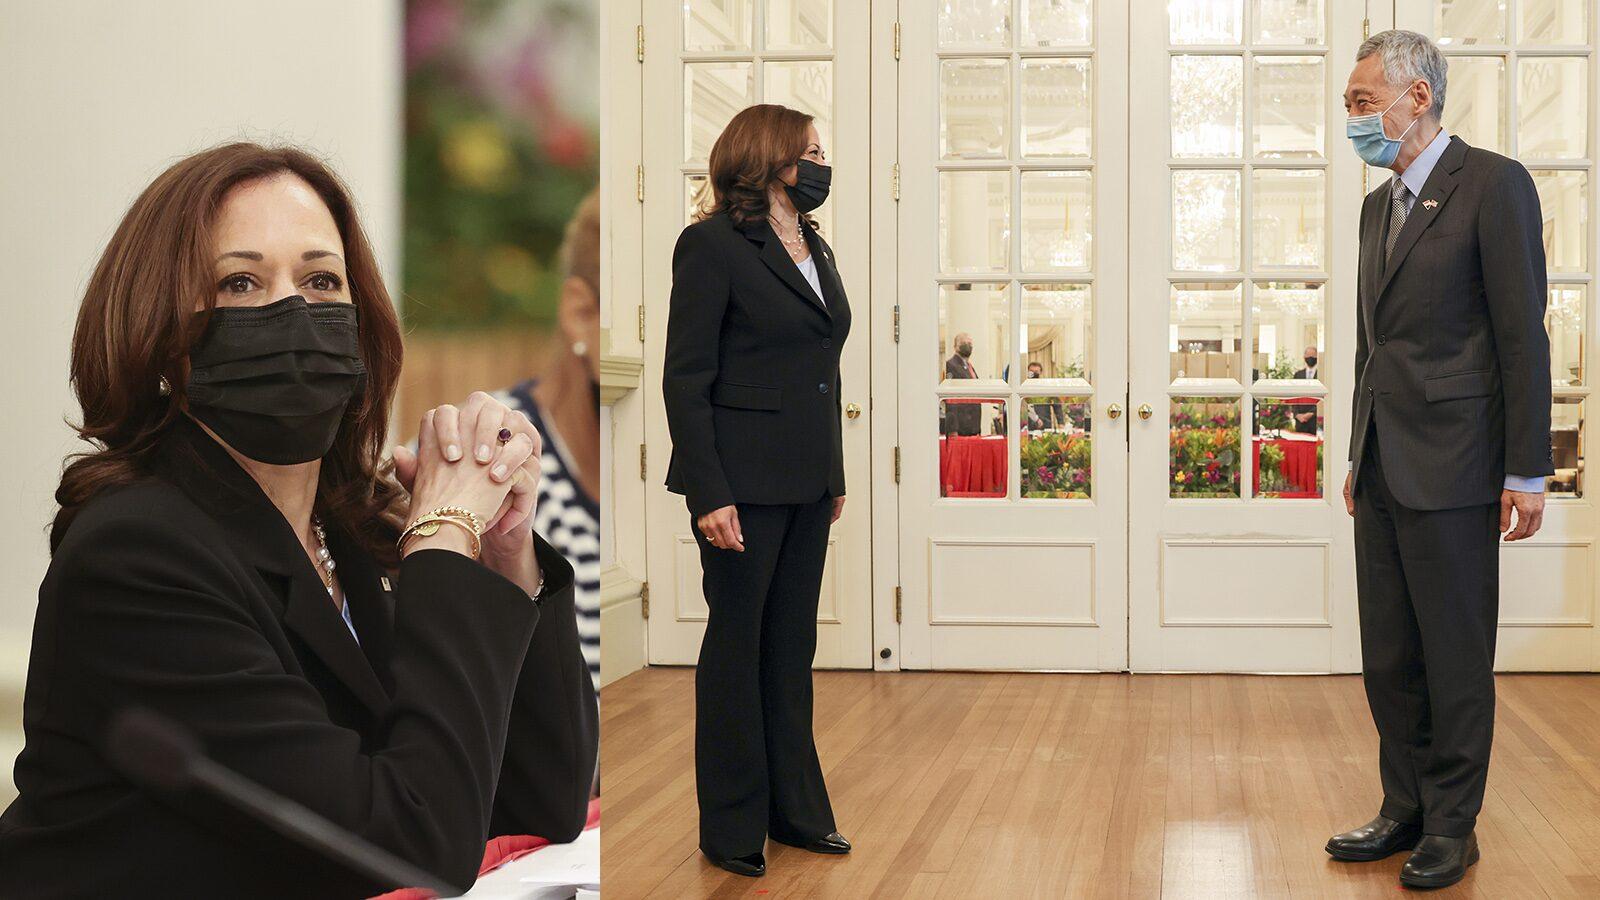 ประเดิมเยือนเอเชีย กมลา แฮร์ริส รองประธานาธิบดีสหรัฐ พบนายกรัฐมนตรีสิงคโปร์